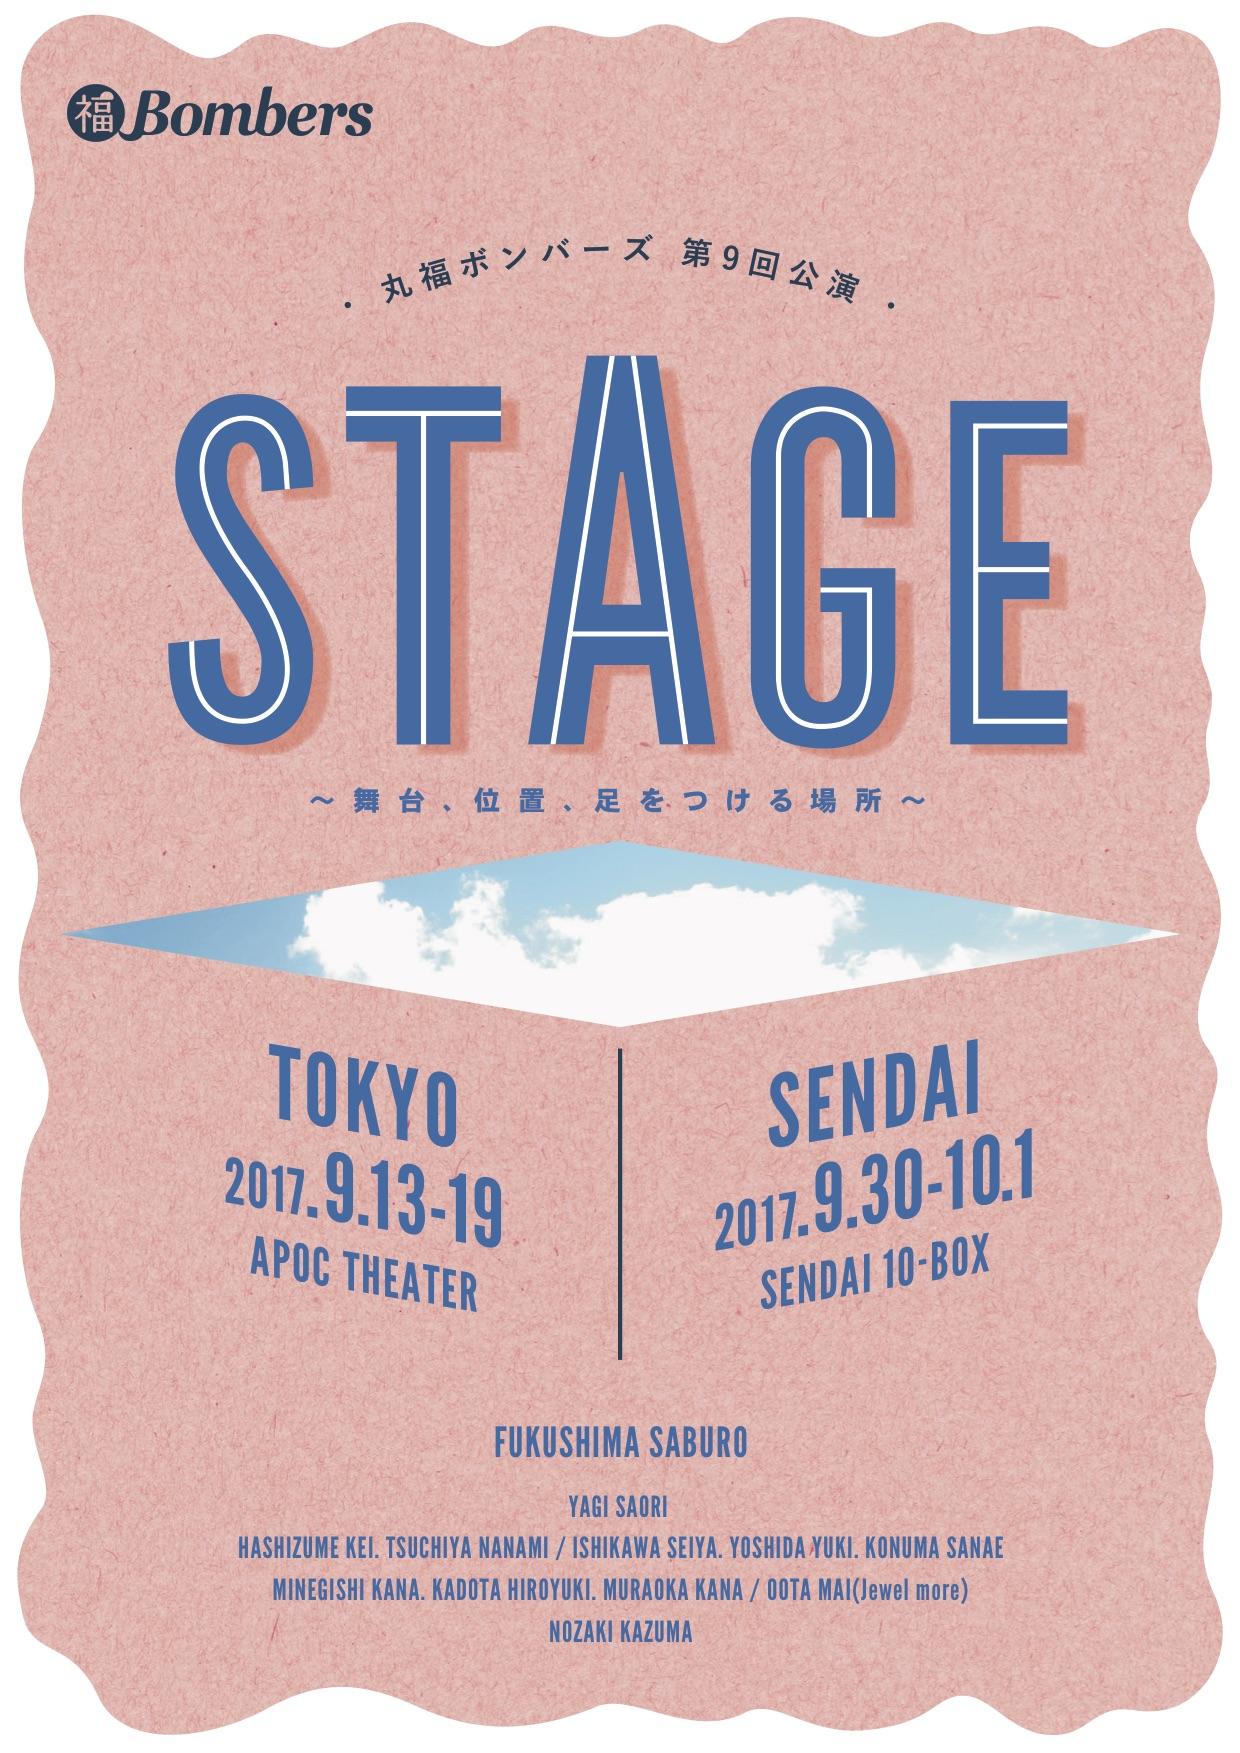 9/30(土) 14時の回|丸福ボンバーズ第9回公演 「STAGE ~舞台、位置、足をつける場所~」